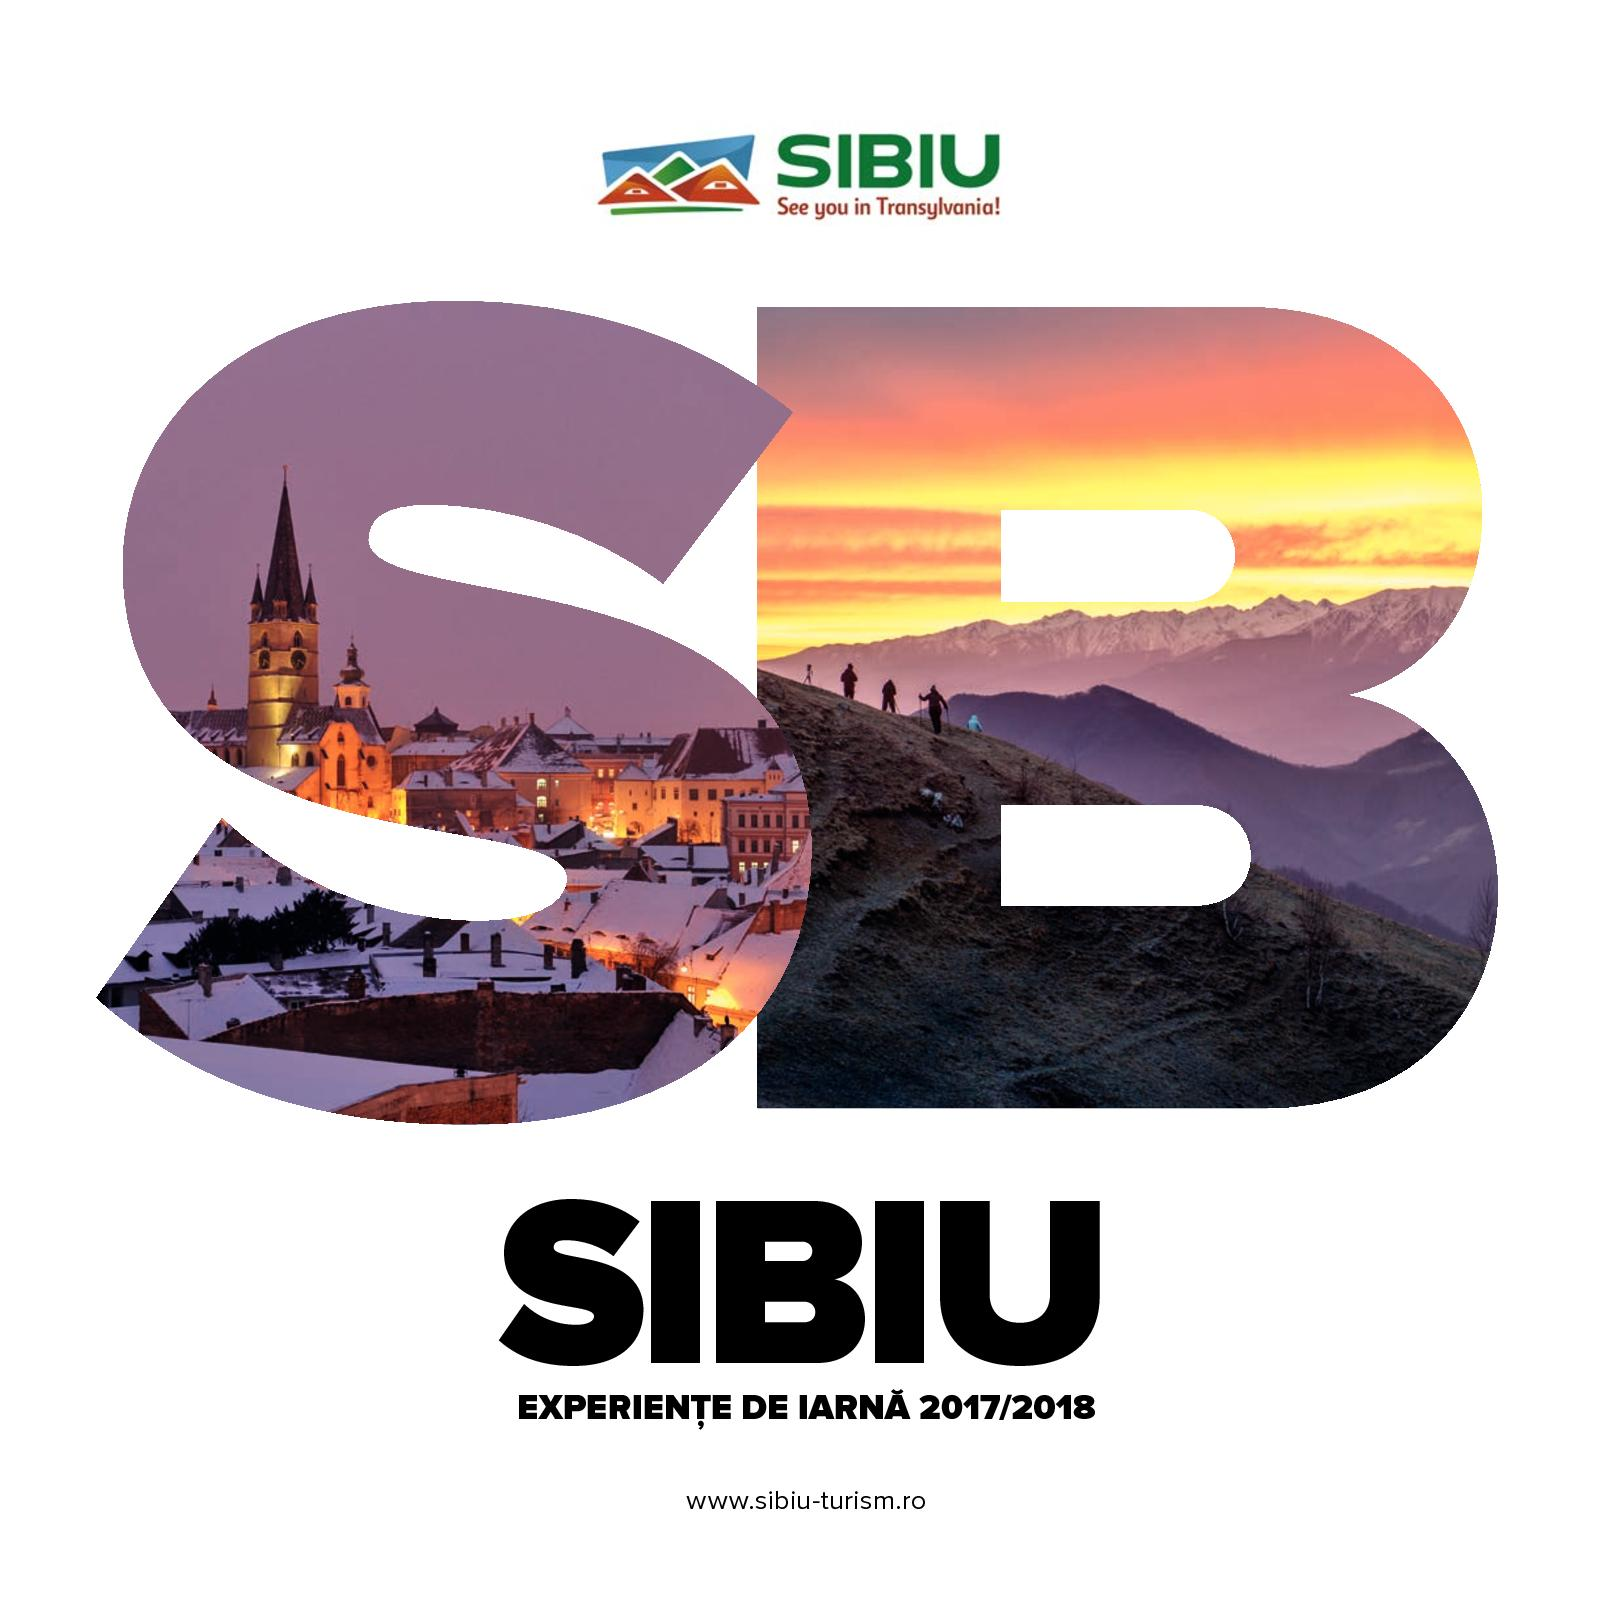 Sibiu - experienţe de iarnă 2017/2018